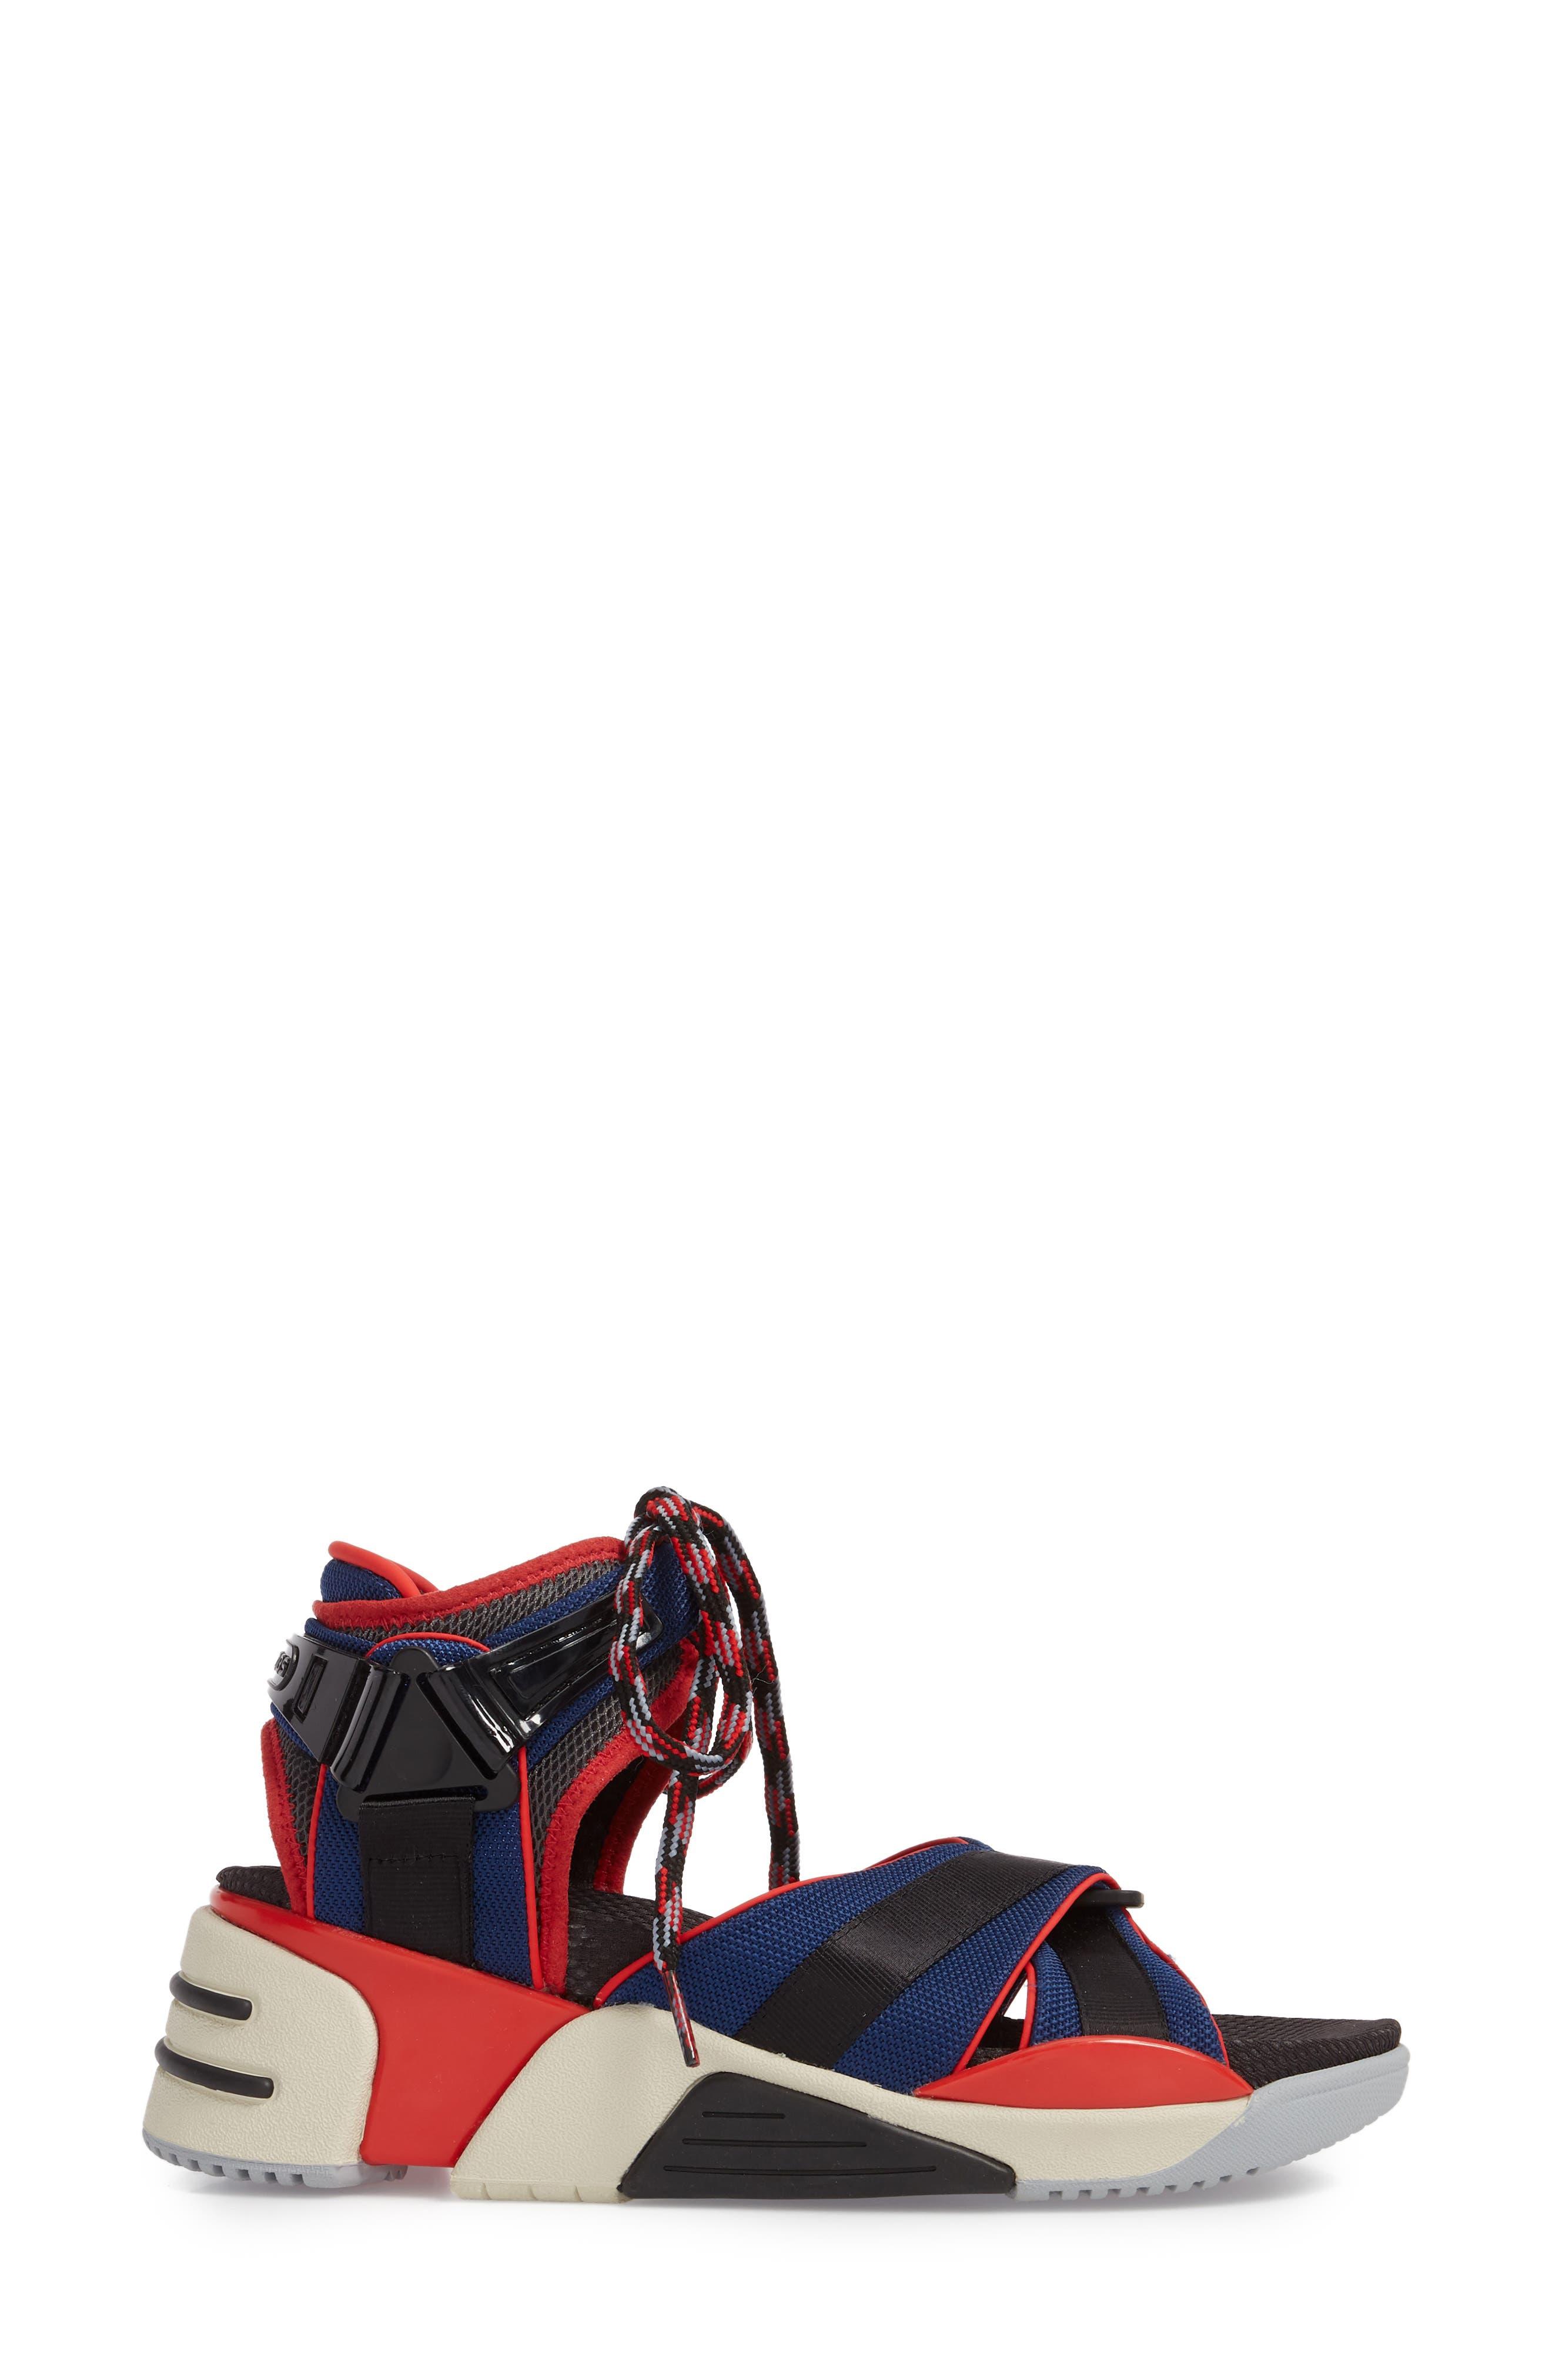 Somewhere Sport Sandal,                             Alternate thumbnail 3, color,                             Red Multi